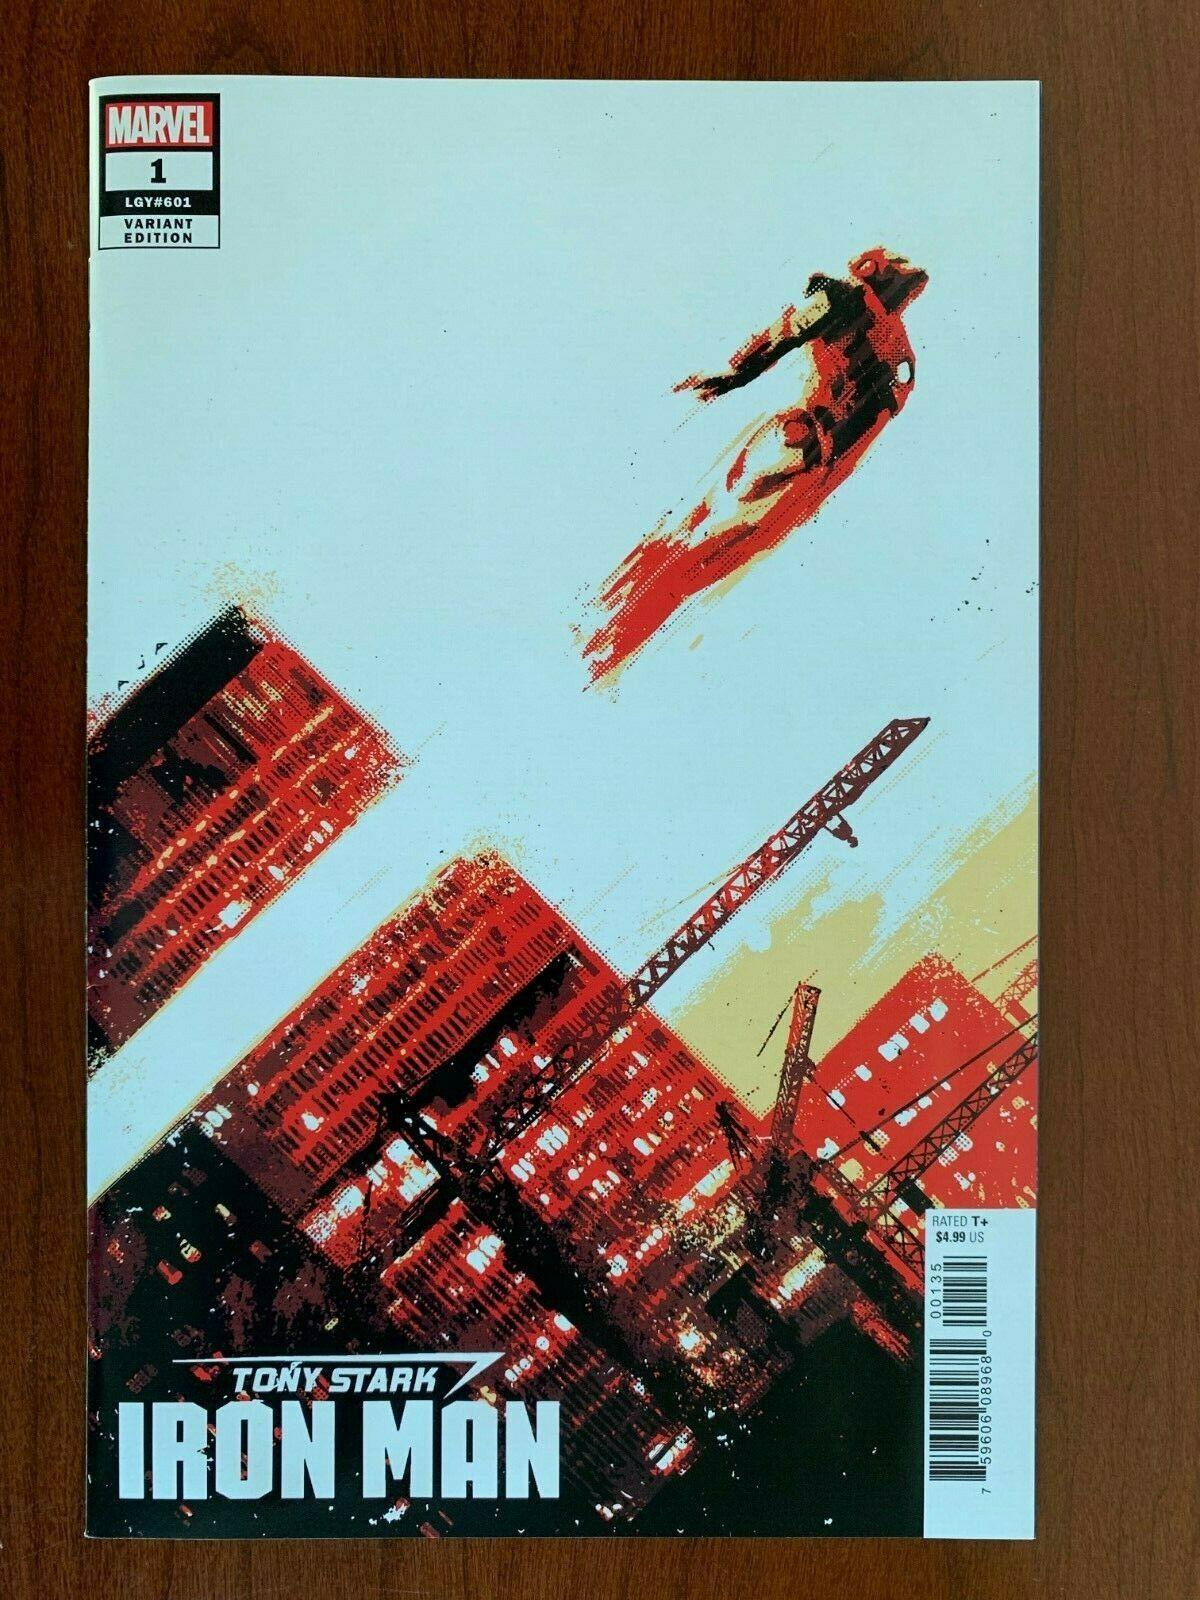 MARVEL Tony Stark Iron Man #1 David Aja 1:100 Incentive Variant (2018) NM